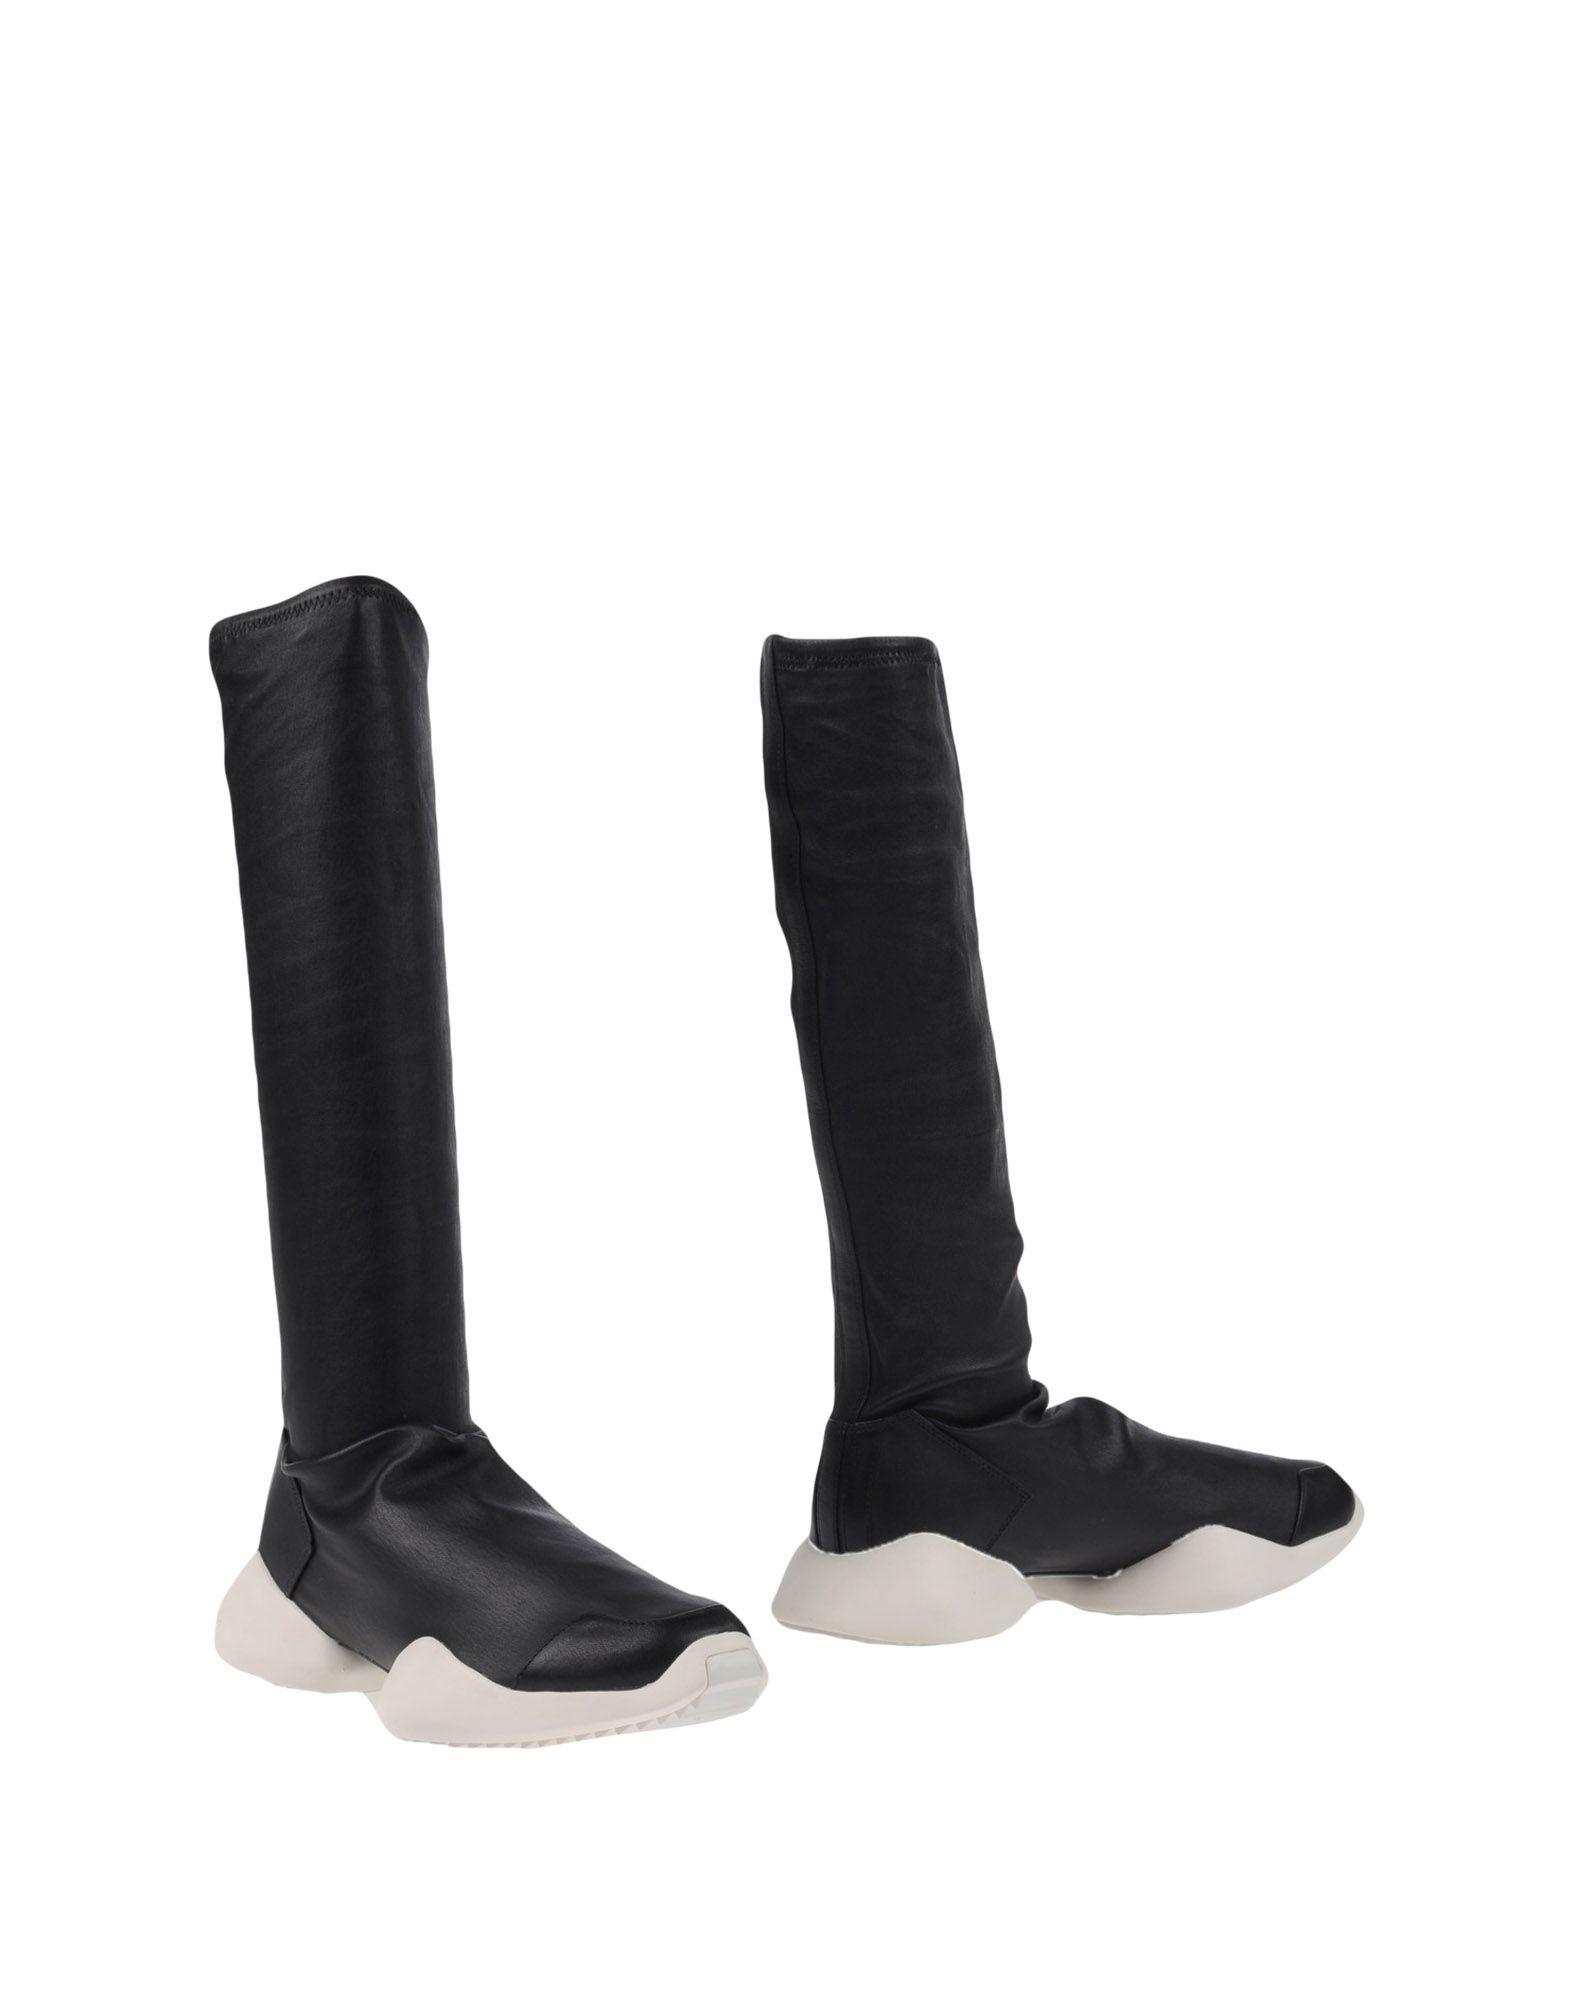 Rick Owens X Adidas Stiefelette Herren  11205006CC Gute Qualität beliebte Schuhe